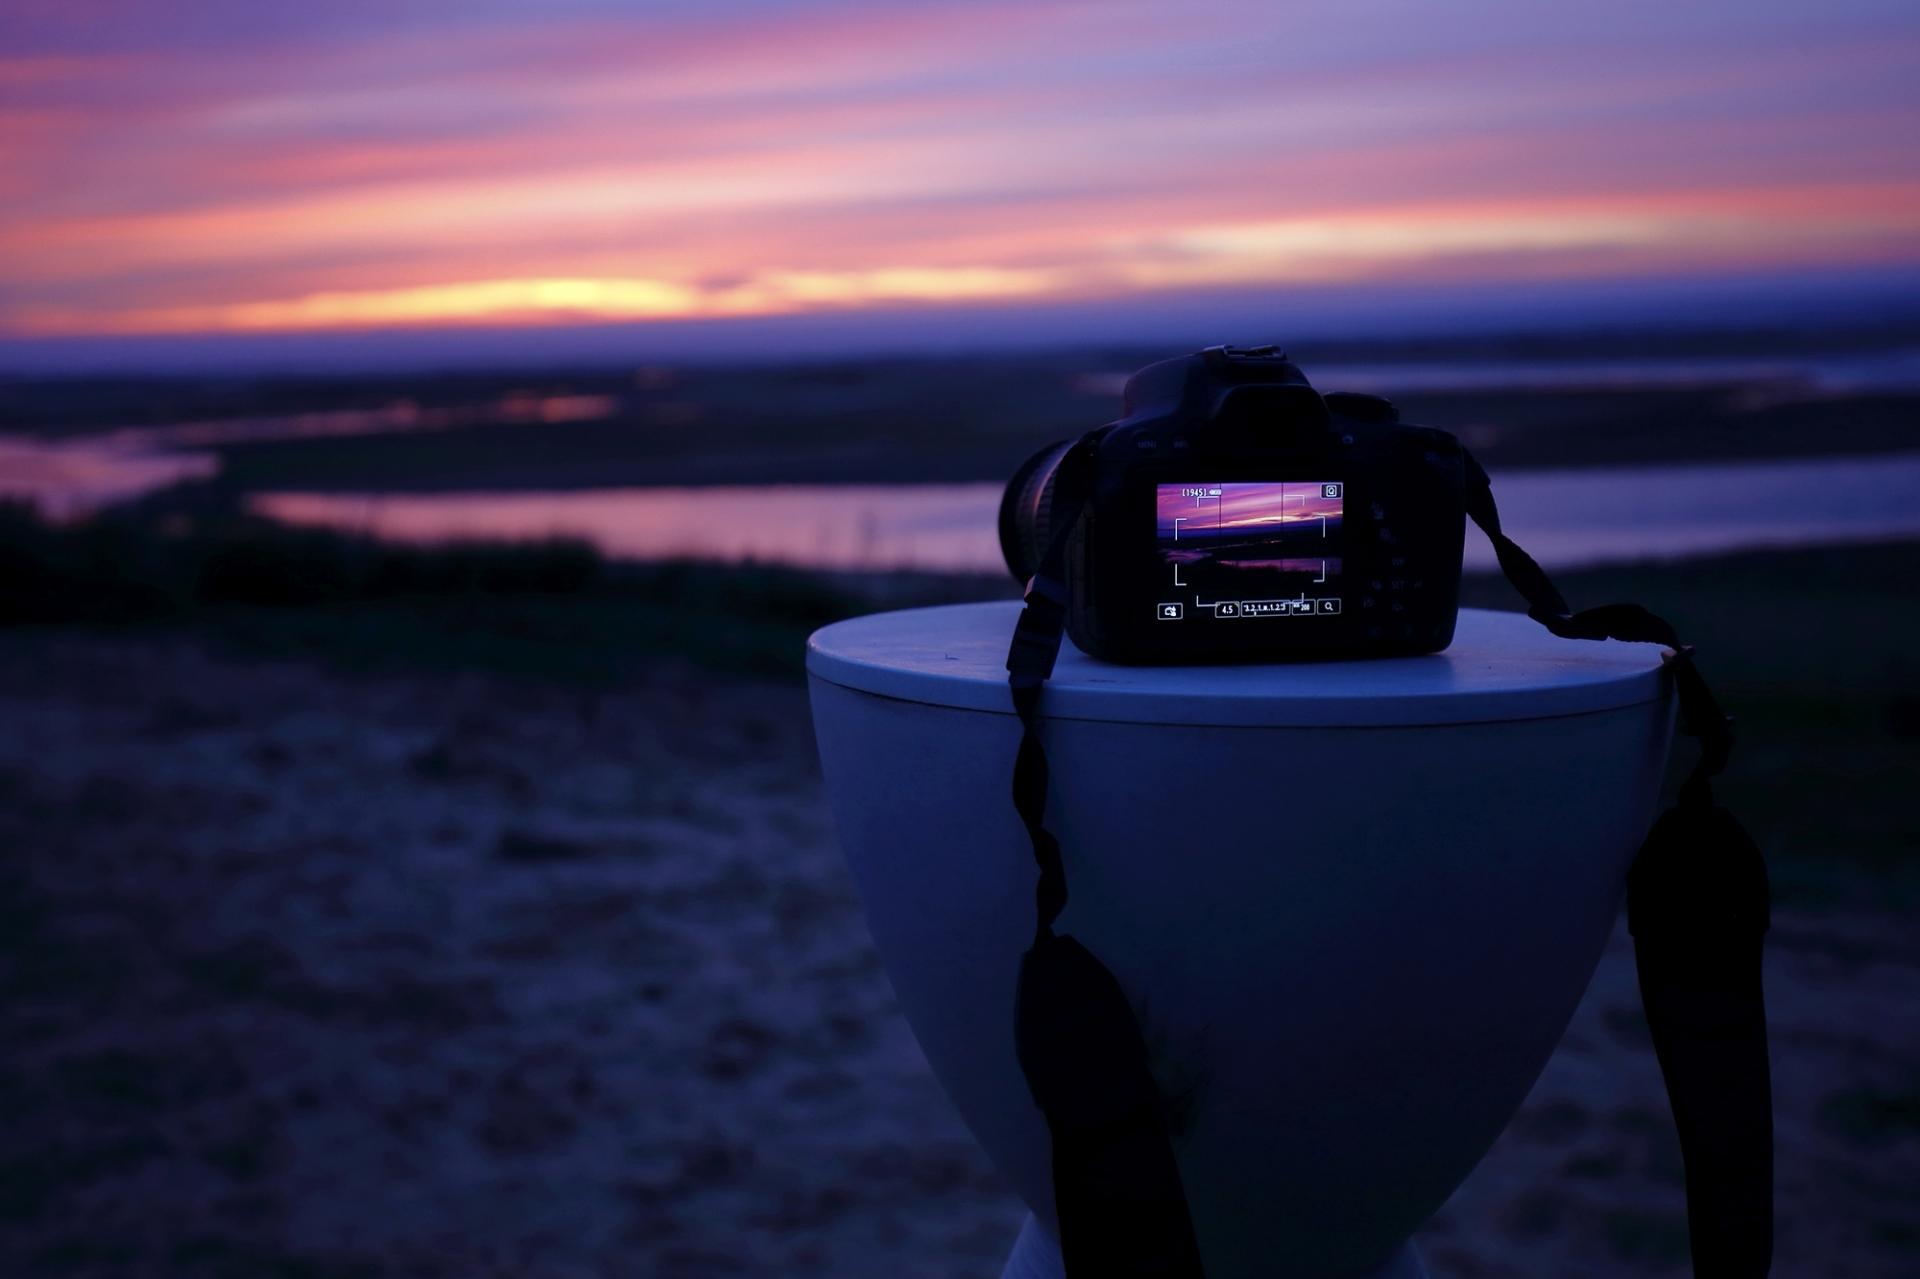 Sonnenaufgang am Meer mit Kamera im Vordergrund